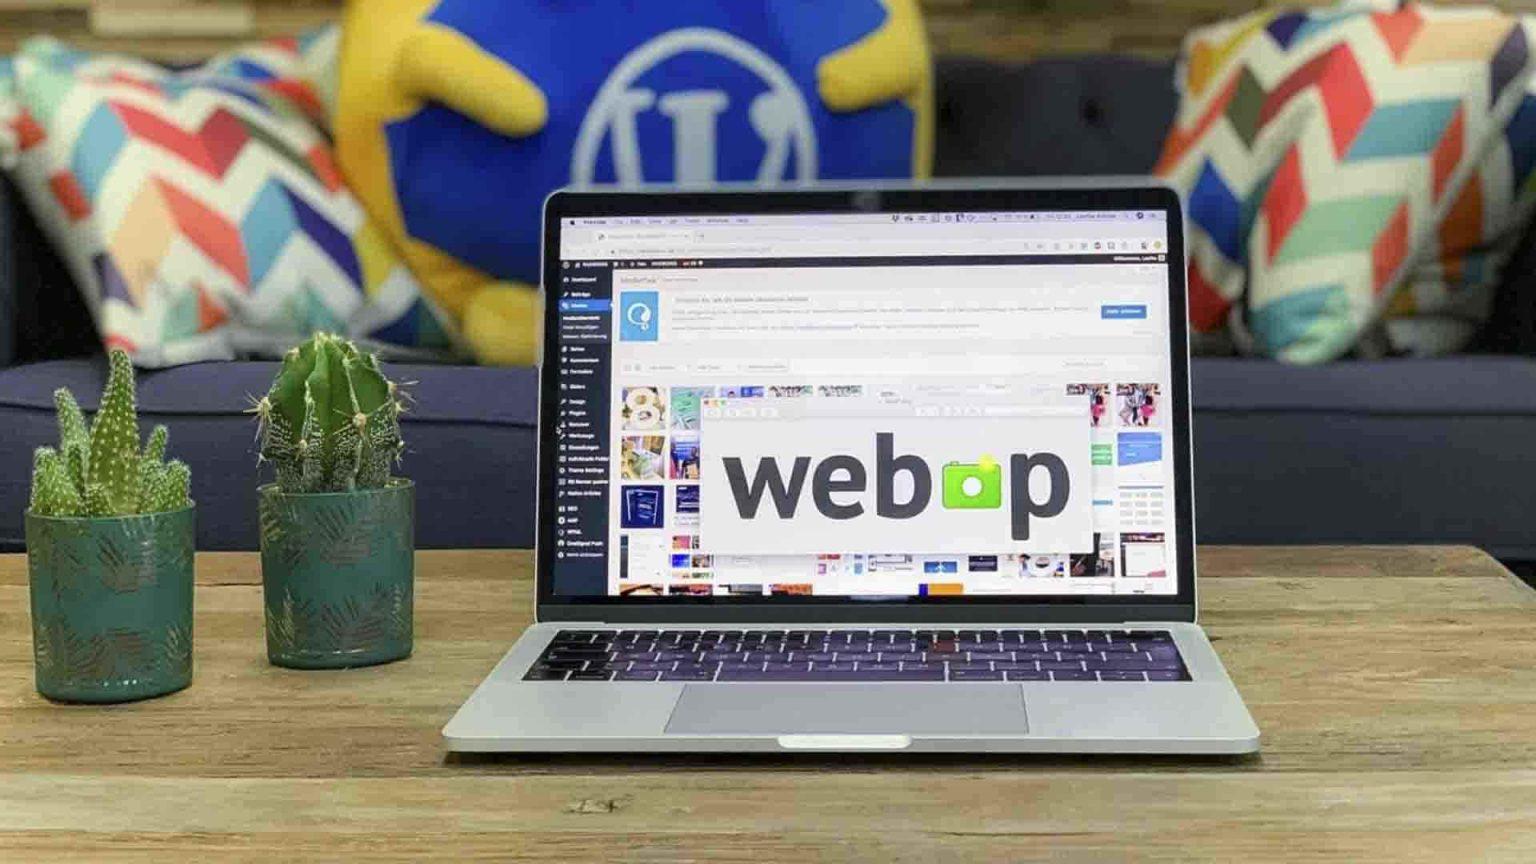 فرمت WebP چیست و چه کاربردی دارد؟